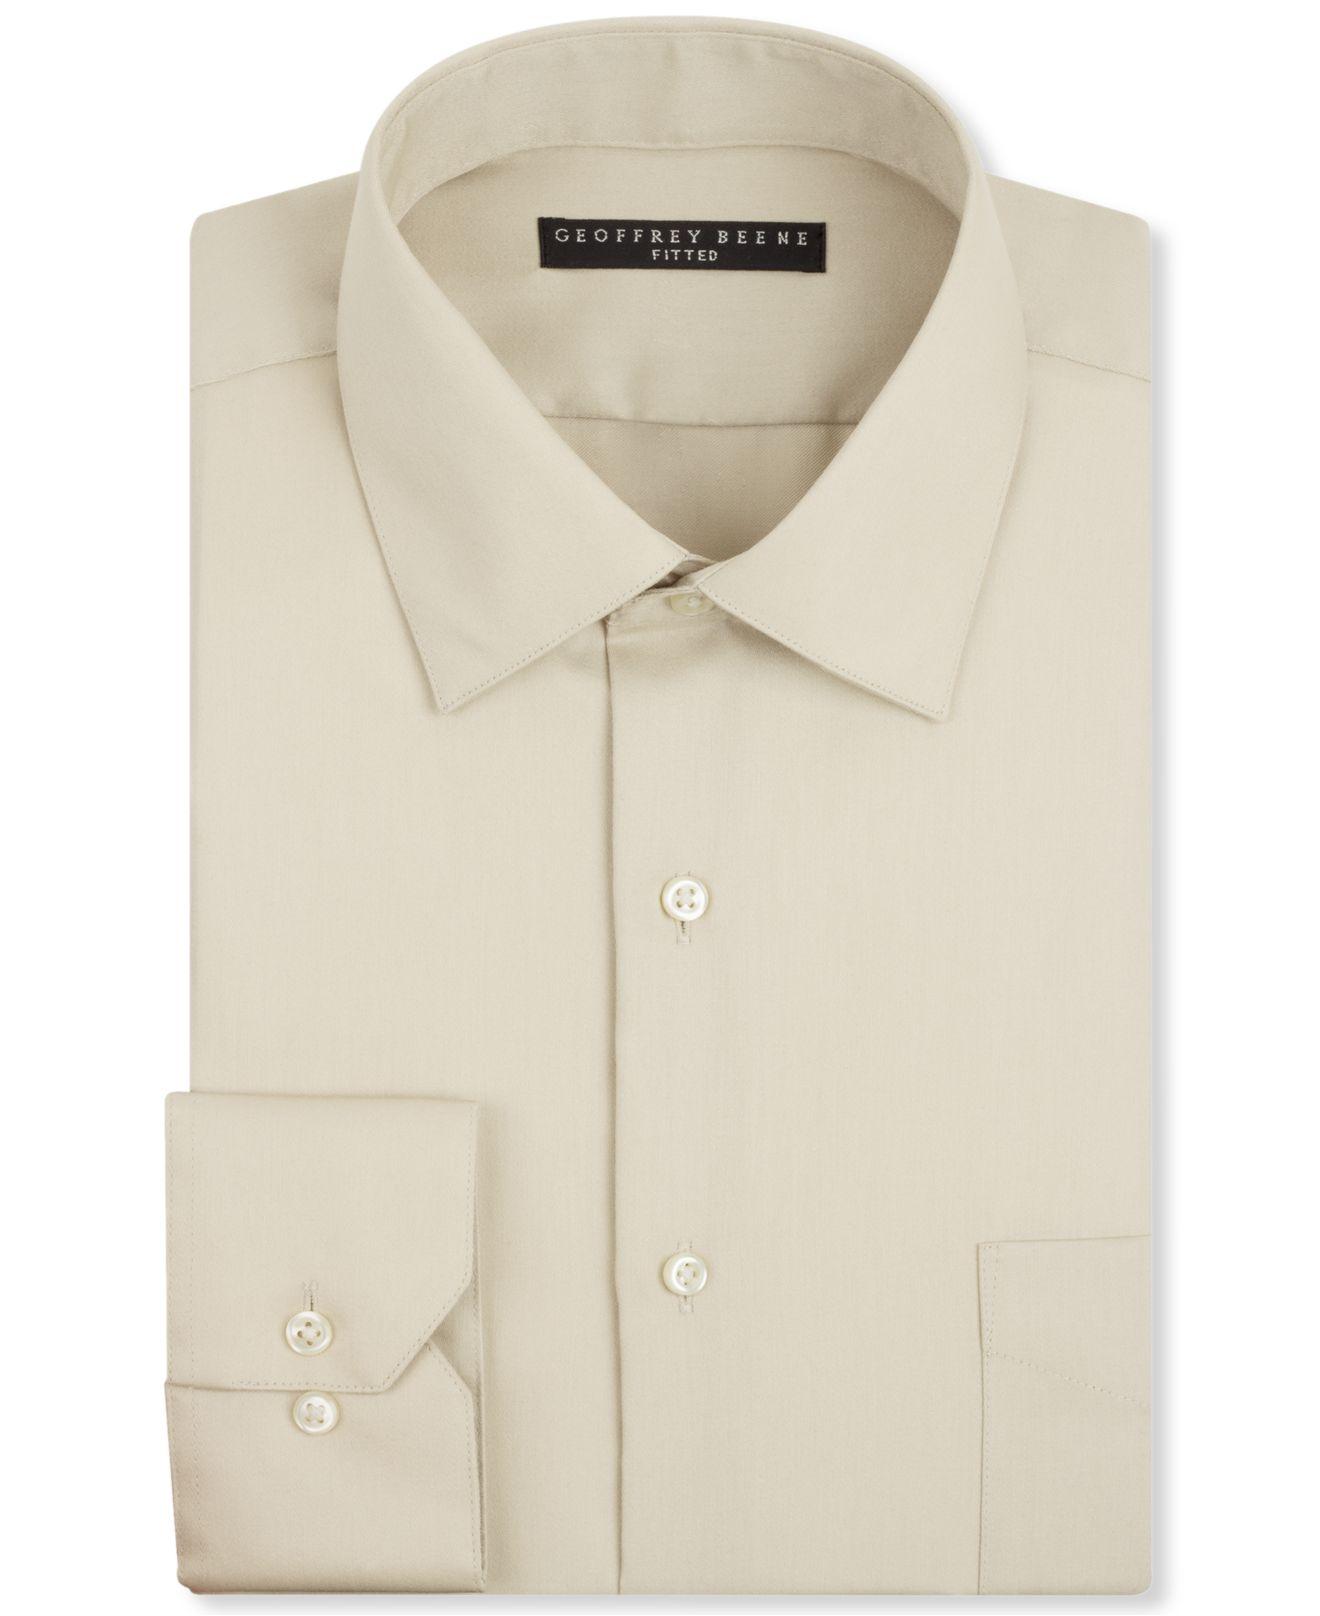 Geoffrey beene dress shirt colors